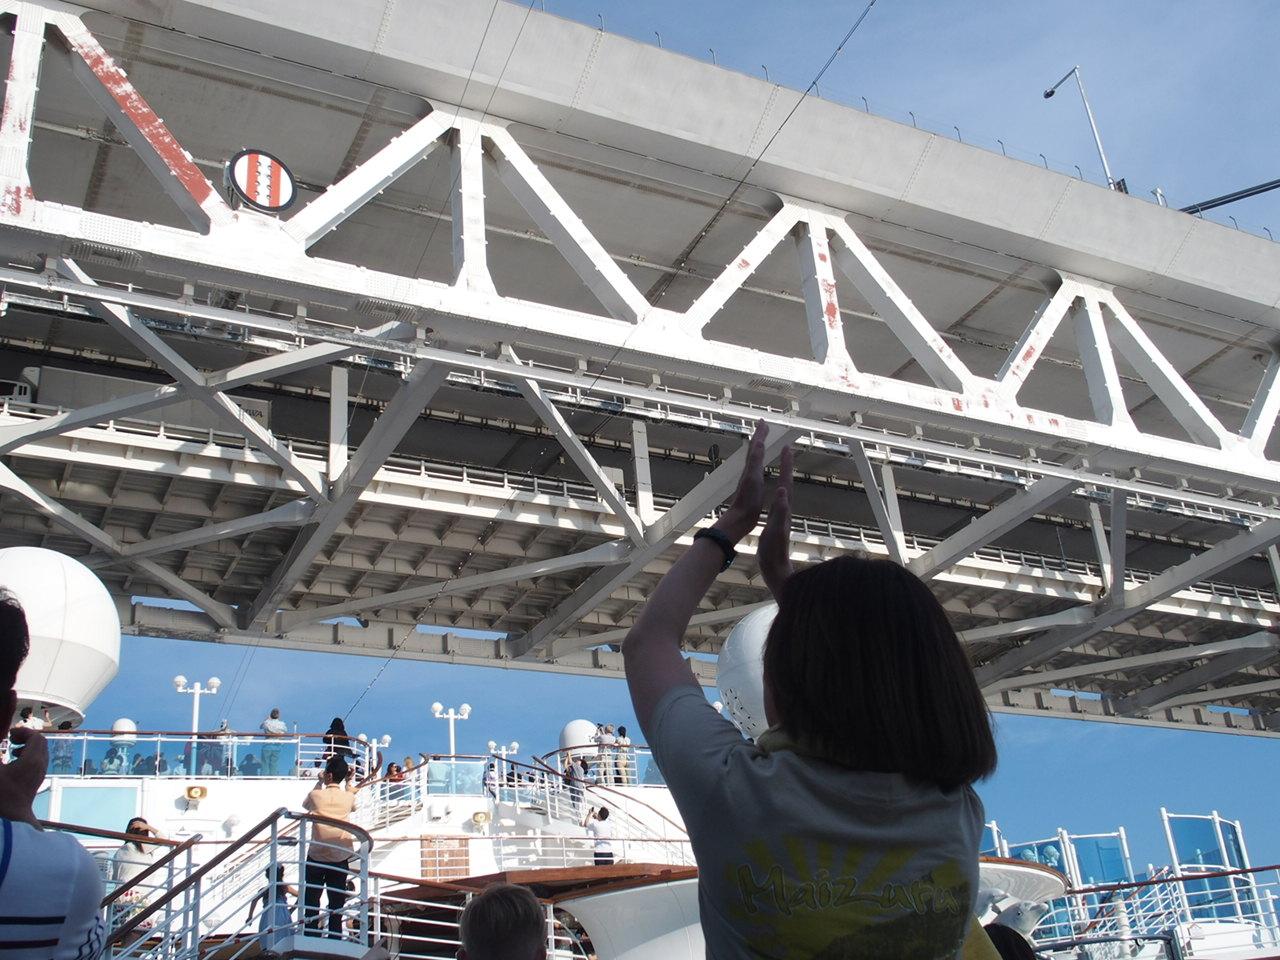 ダイヤモンドプリンセスで横浜港を出港してからベイブリッジの下をくぐる瞬間